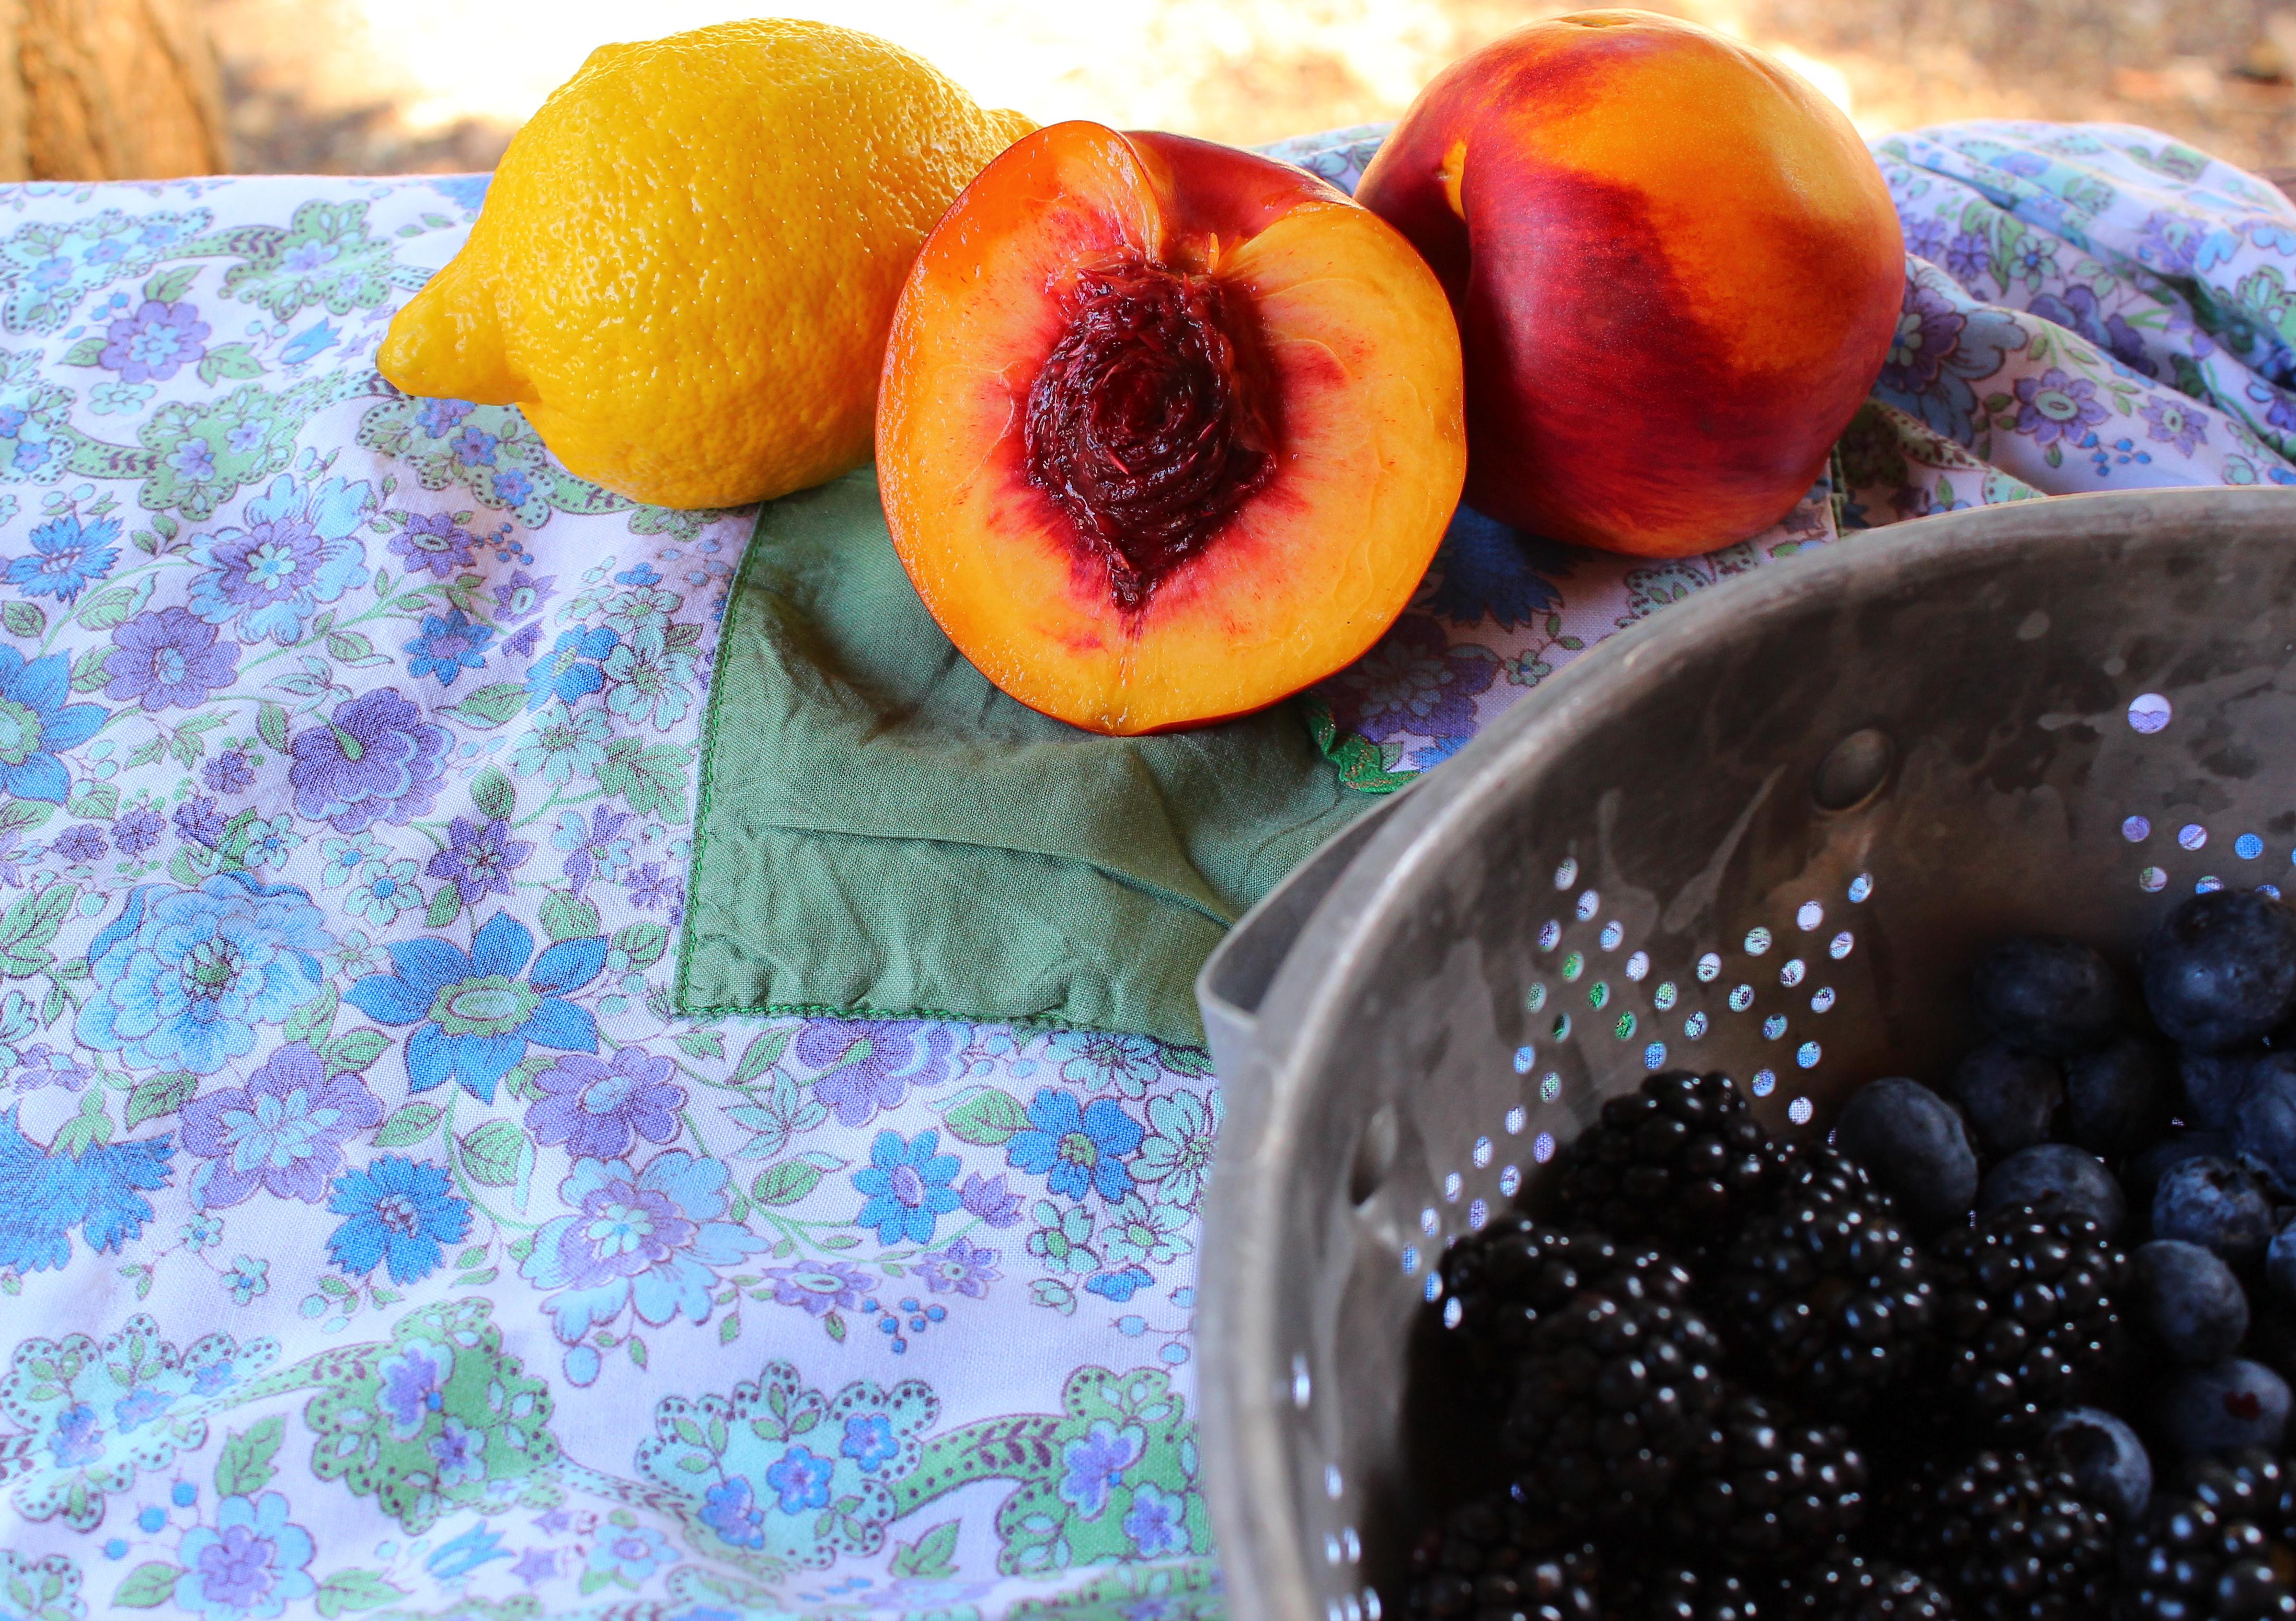 Blackberry Nectarine Galette and Lemon Blueberry Galette-lets